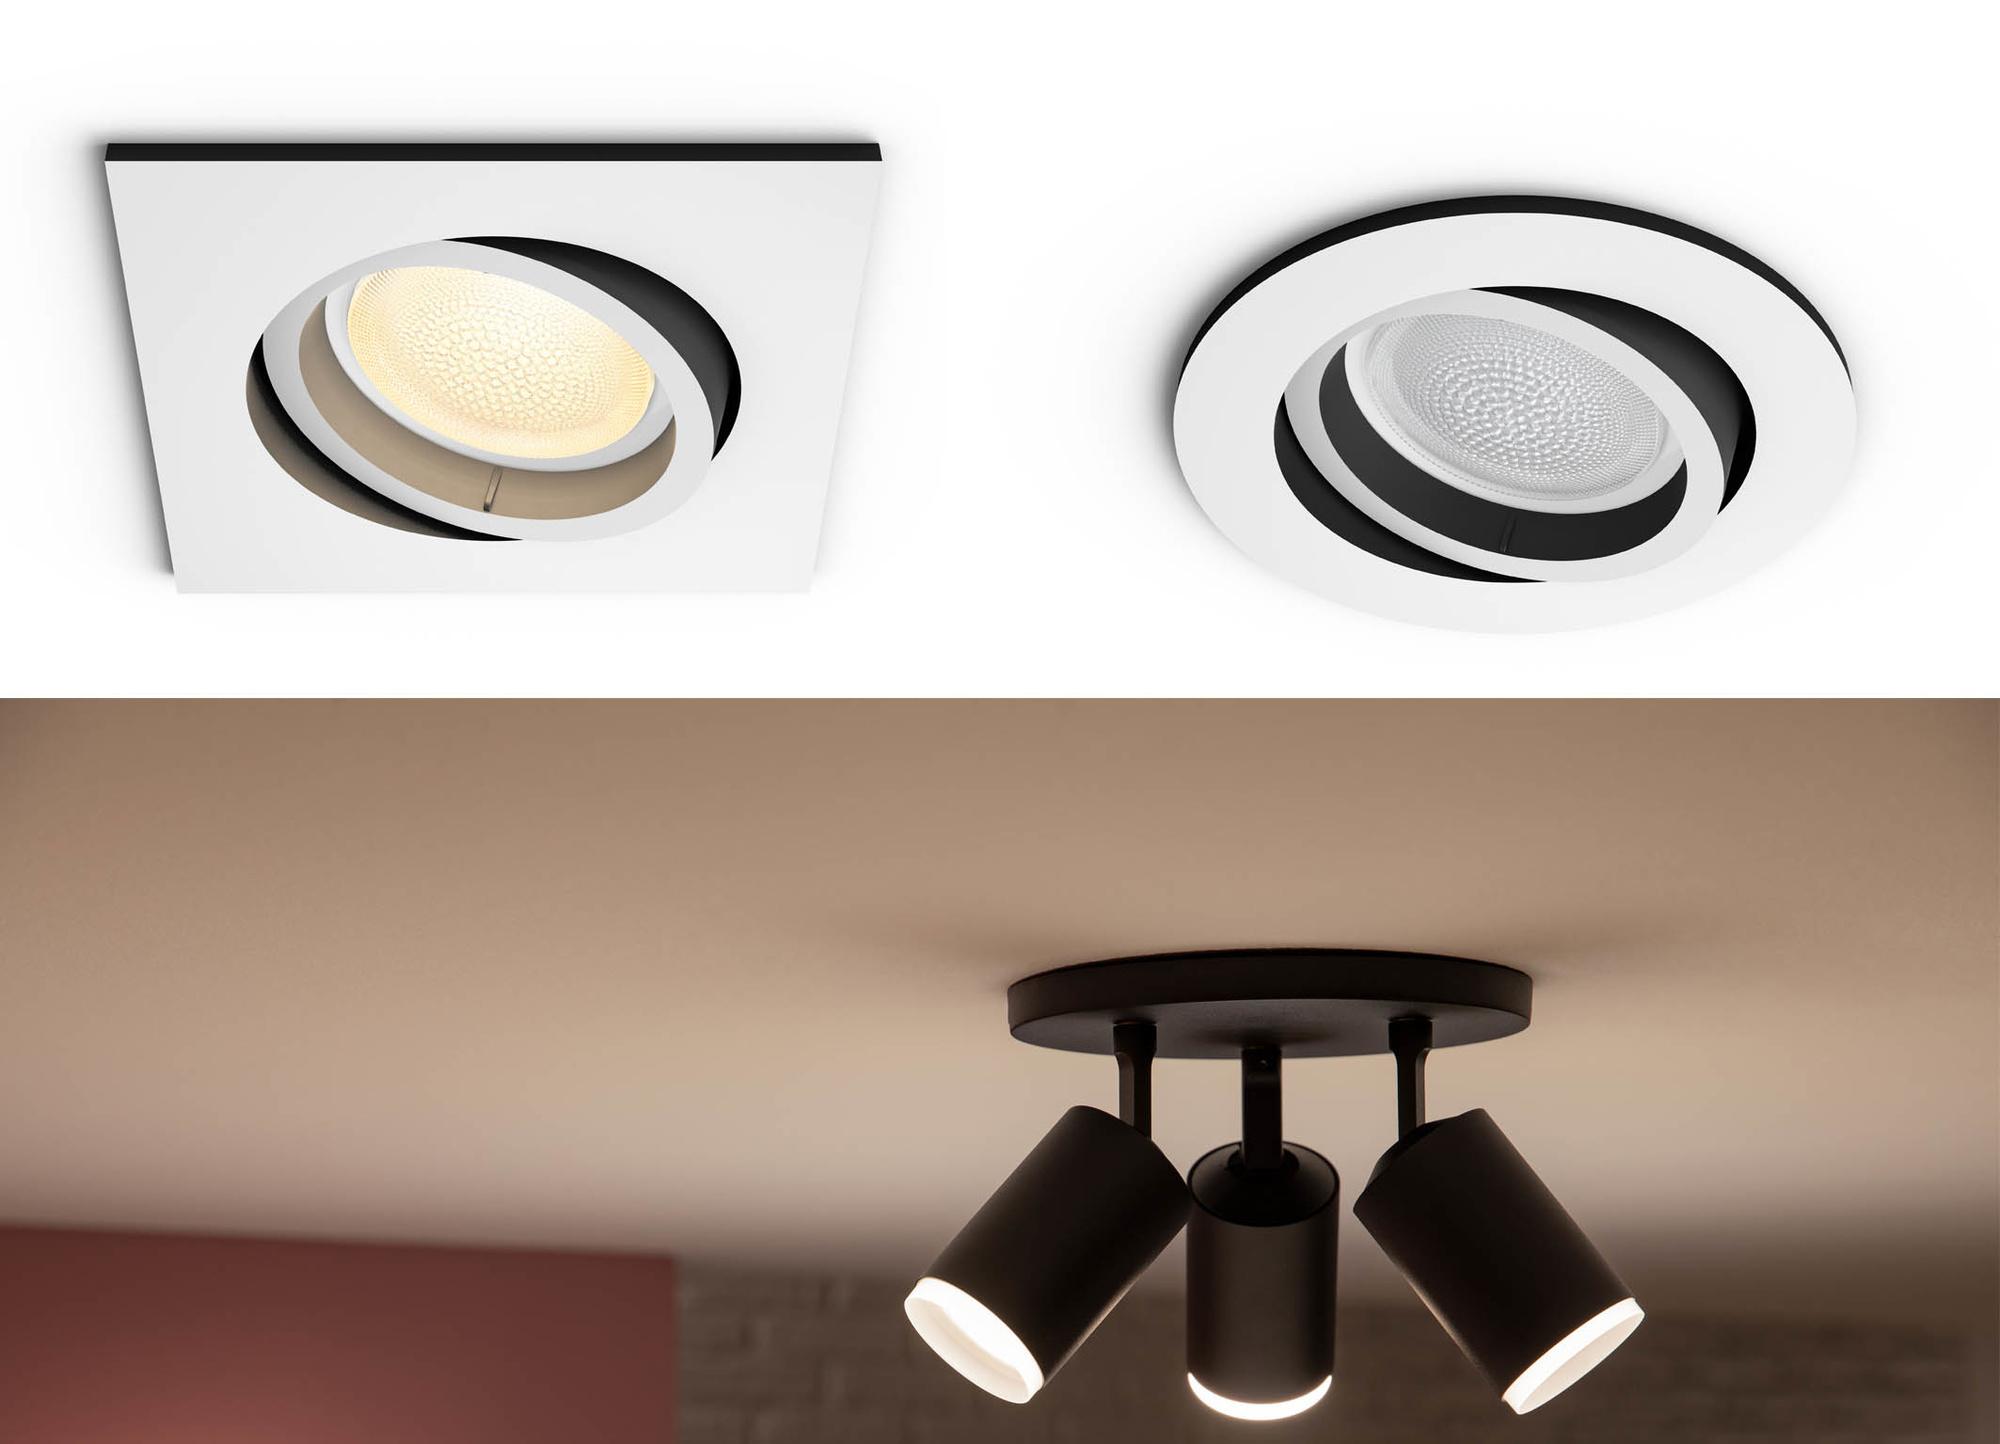 Naast losse spots komt Signify ook met volledige spotlichten in verschillende vormen., PVL